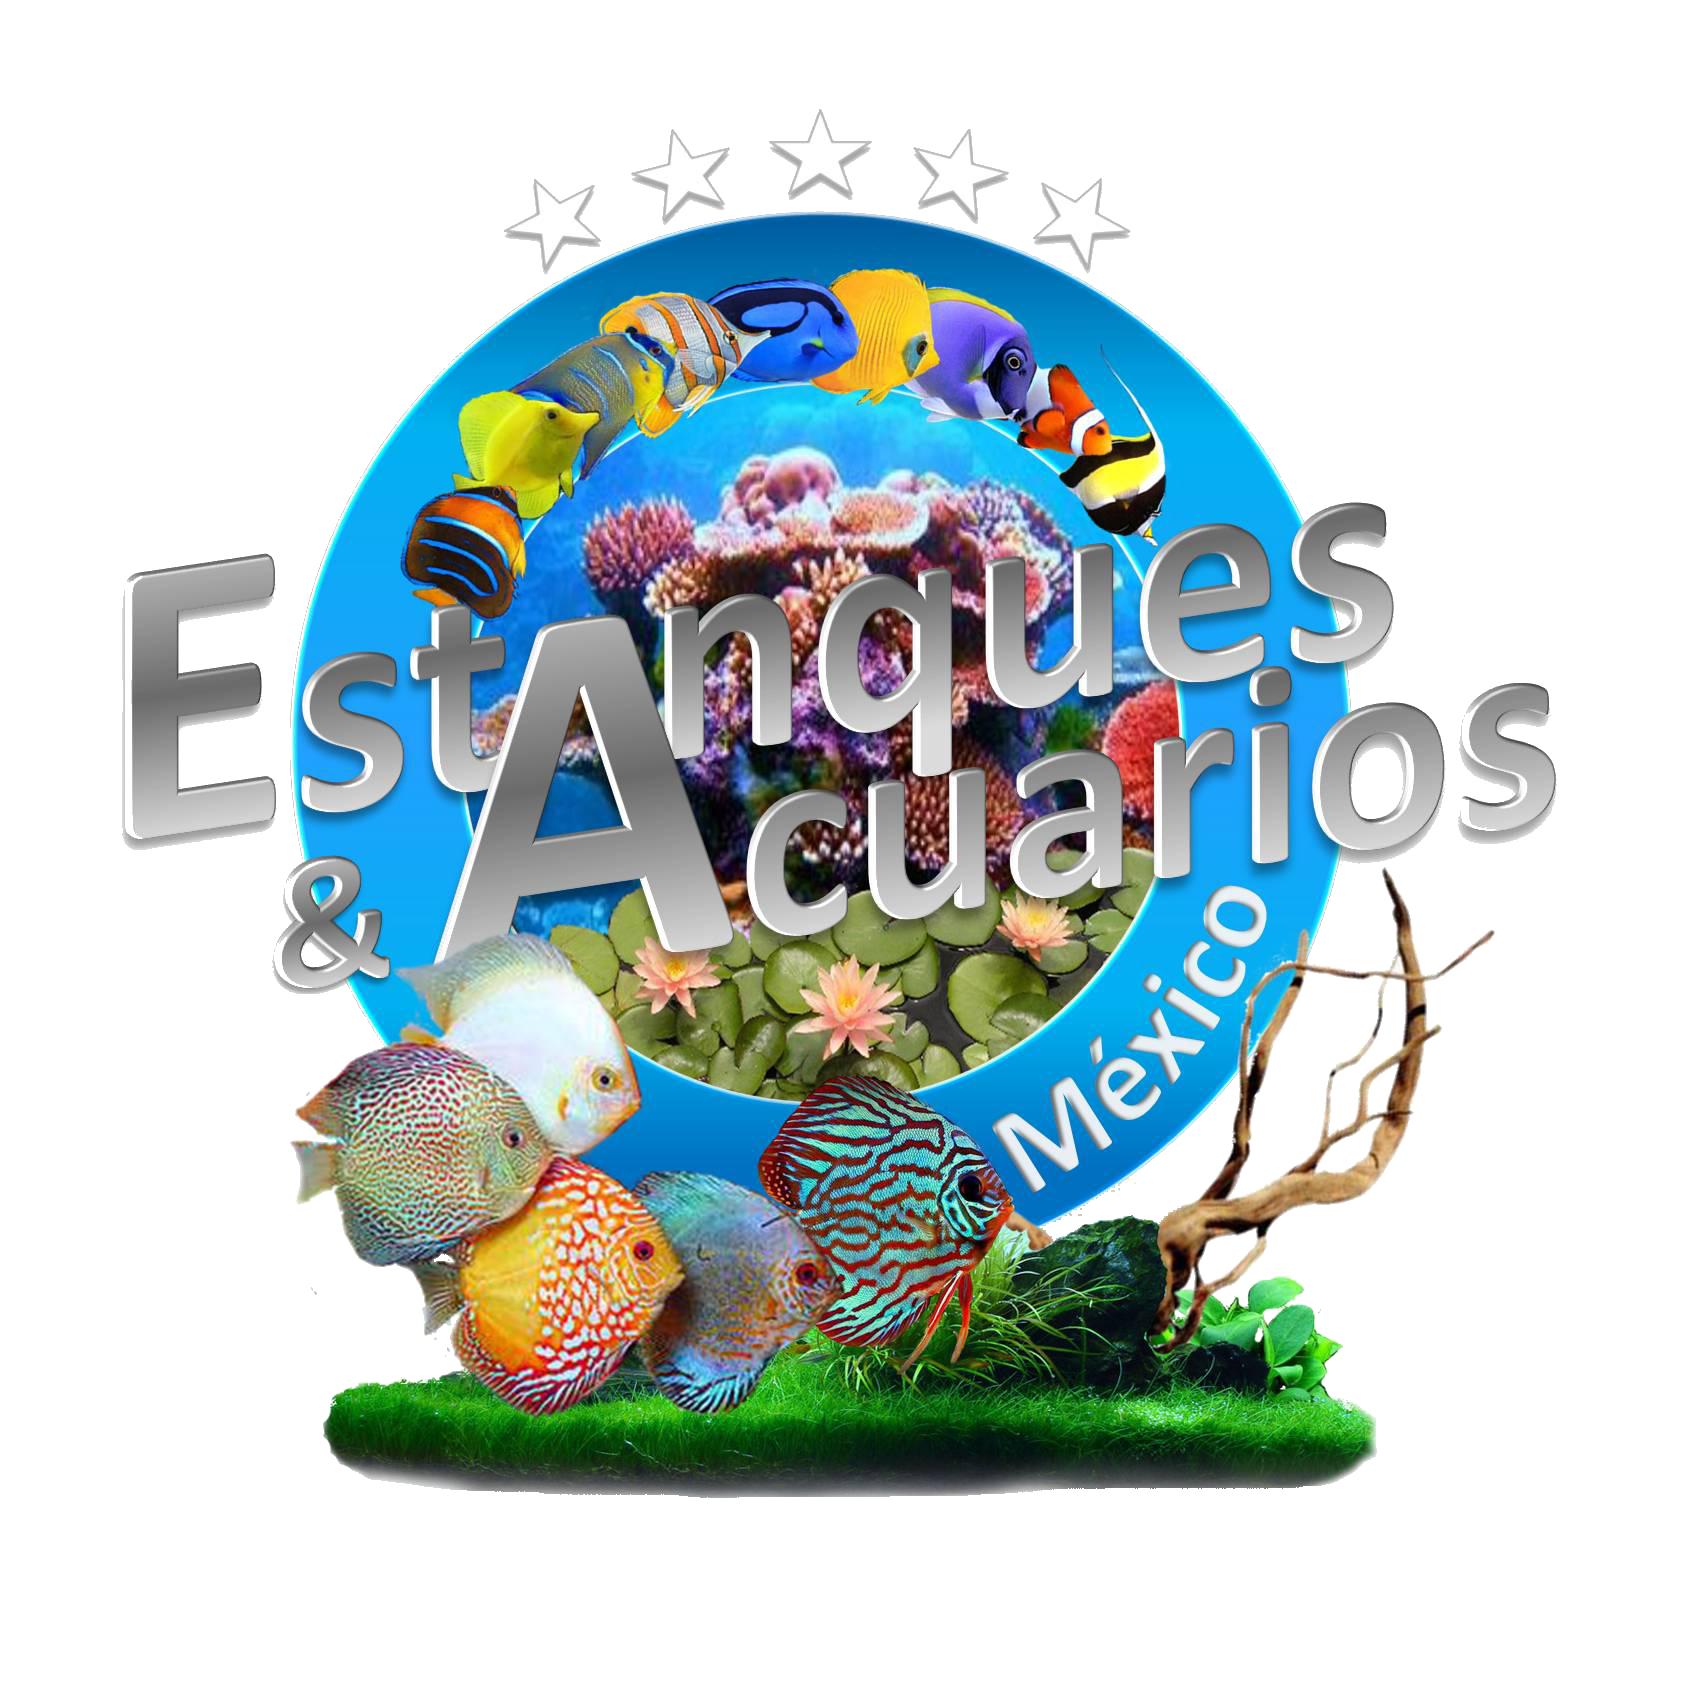 File logo oficial de estanques y acuarios de for Accesorios para estanques